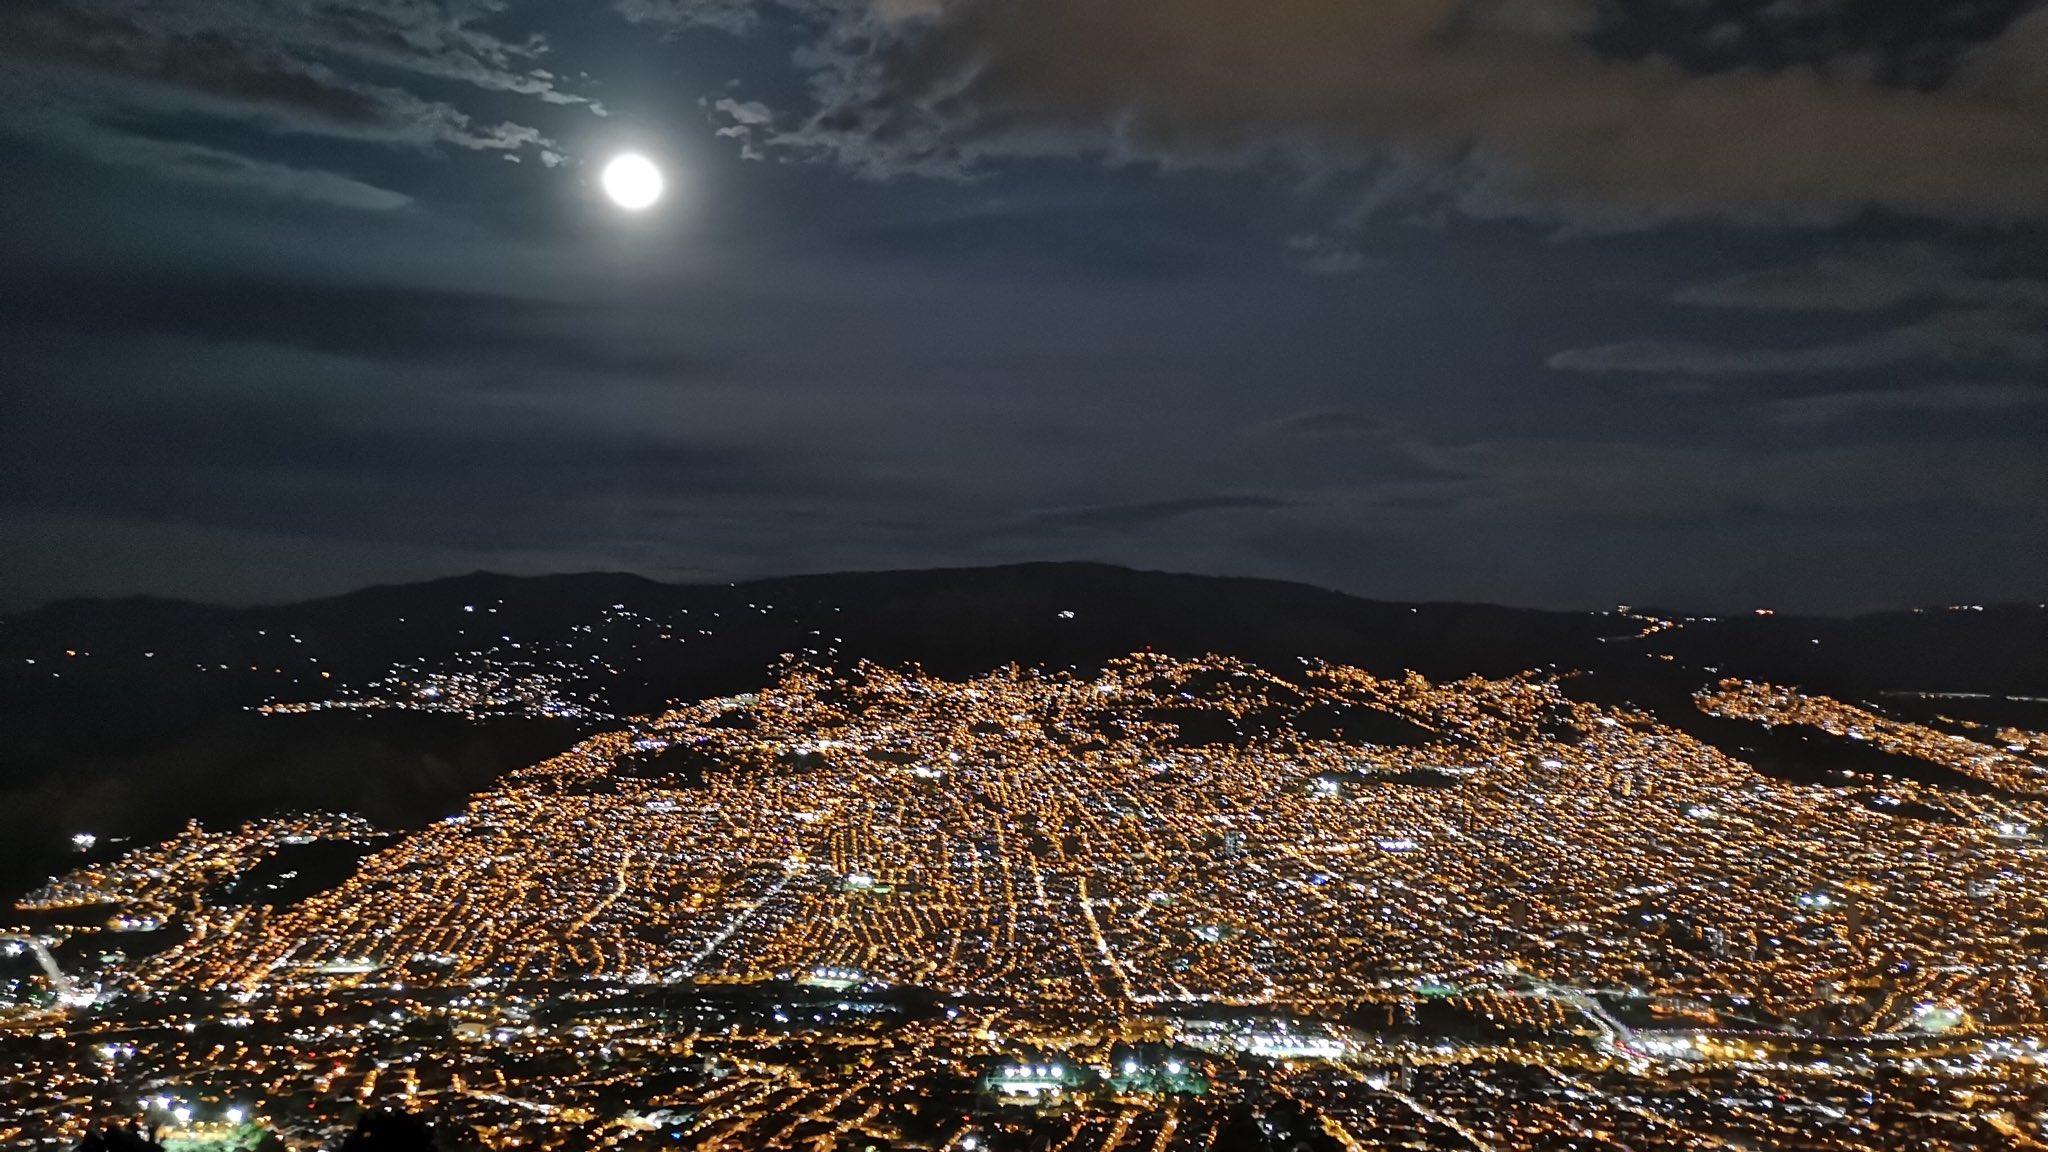 Luna llena en Medellín. Foto de Jonier Quiceno Ceballos @joqui___